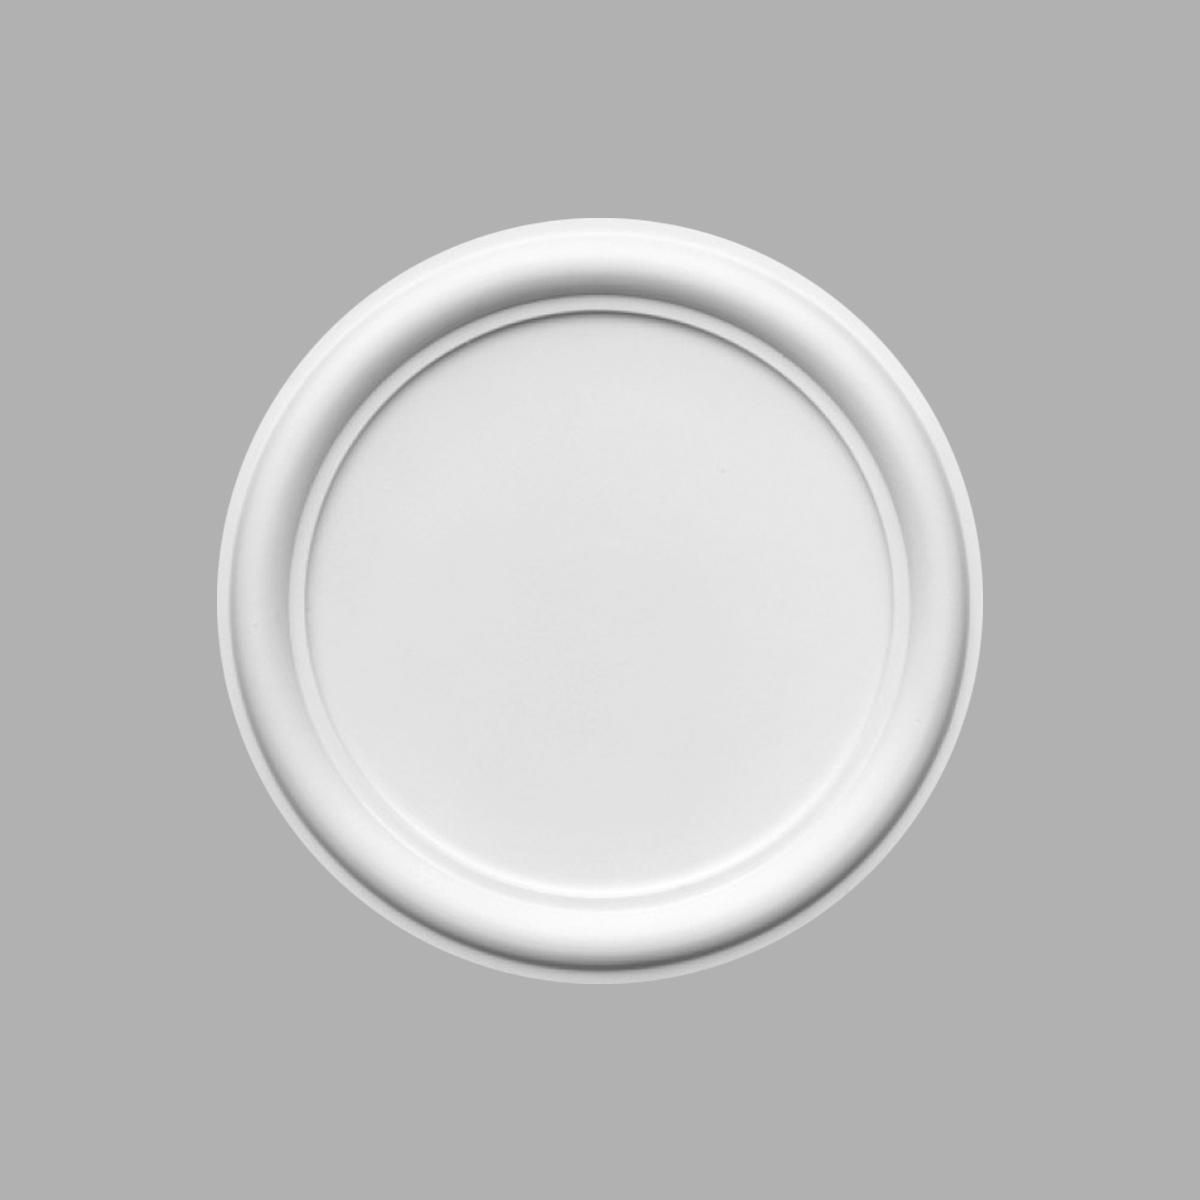 Розетка потолочная DECOMASTER 80207/10 (410мм)